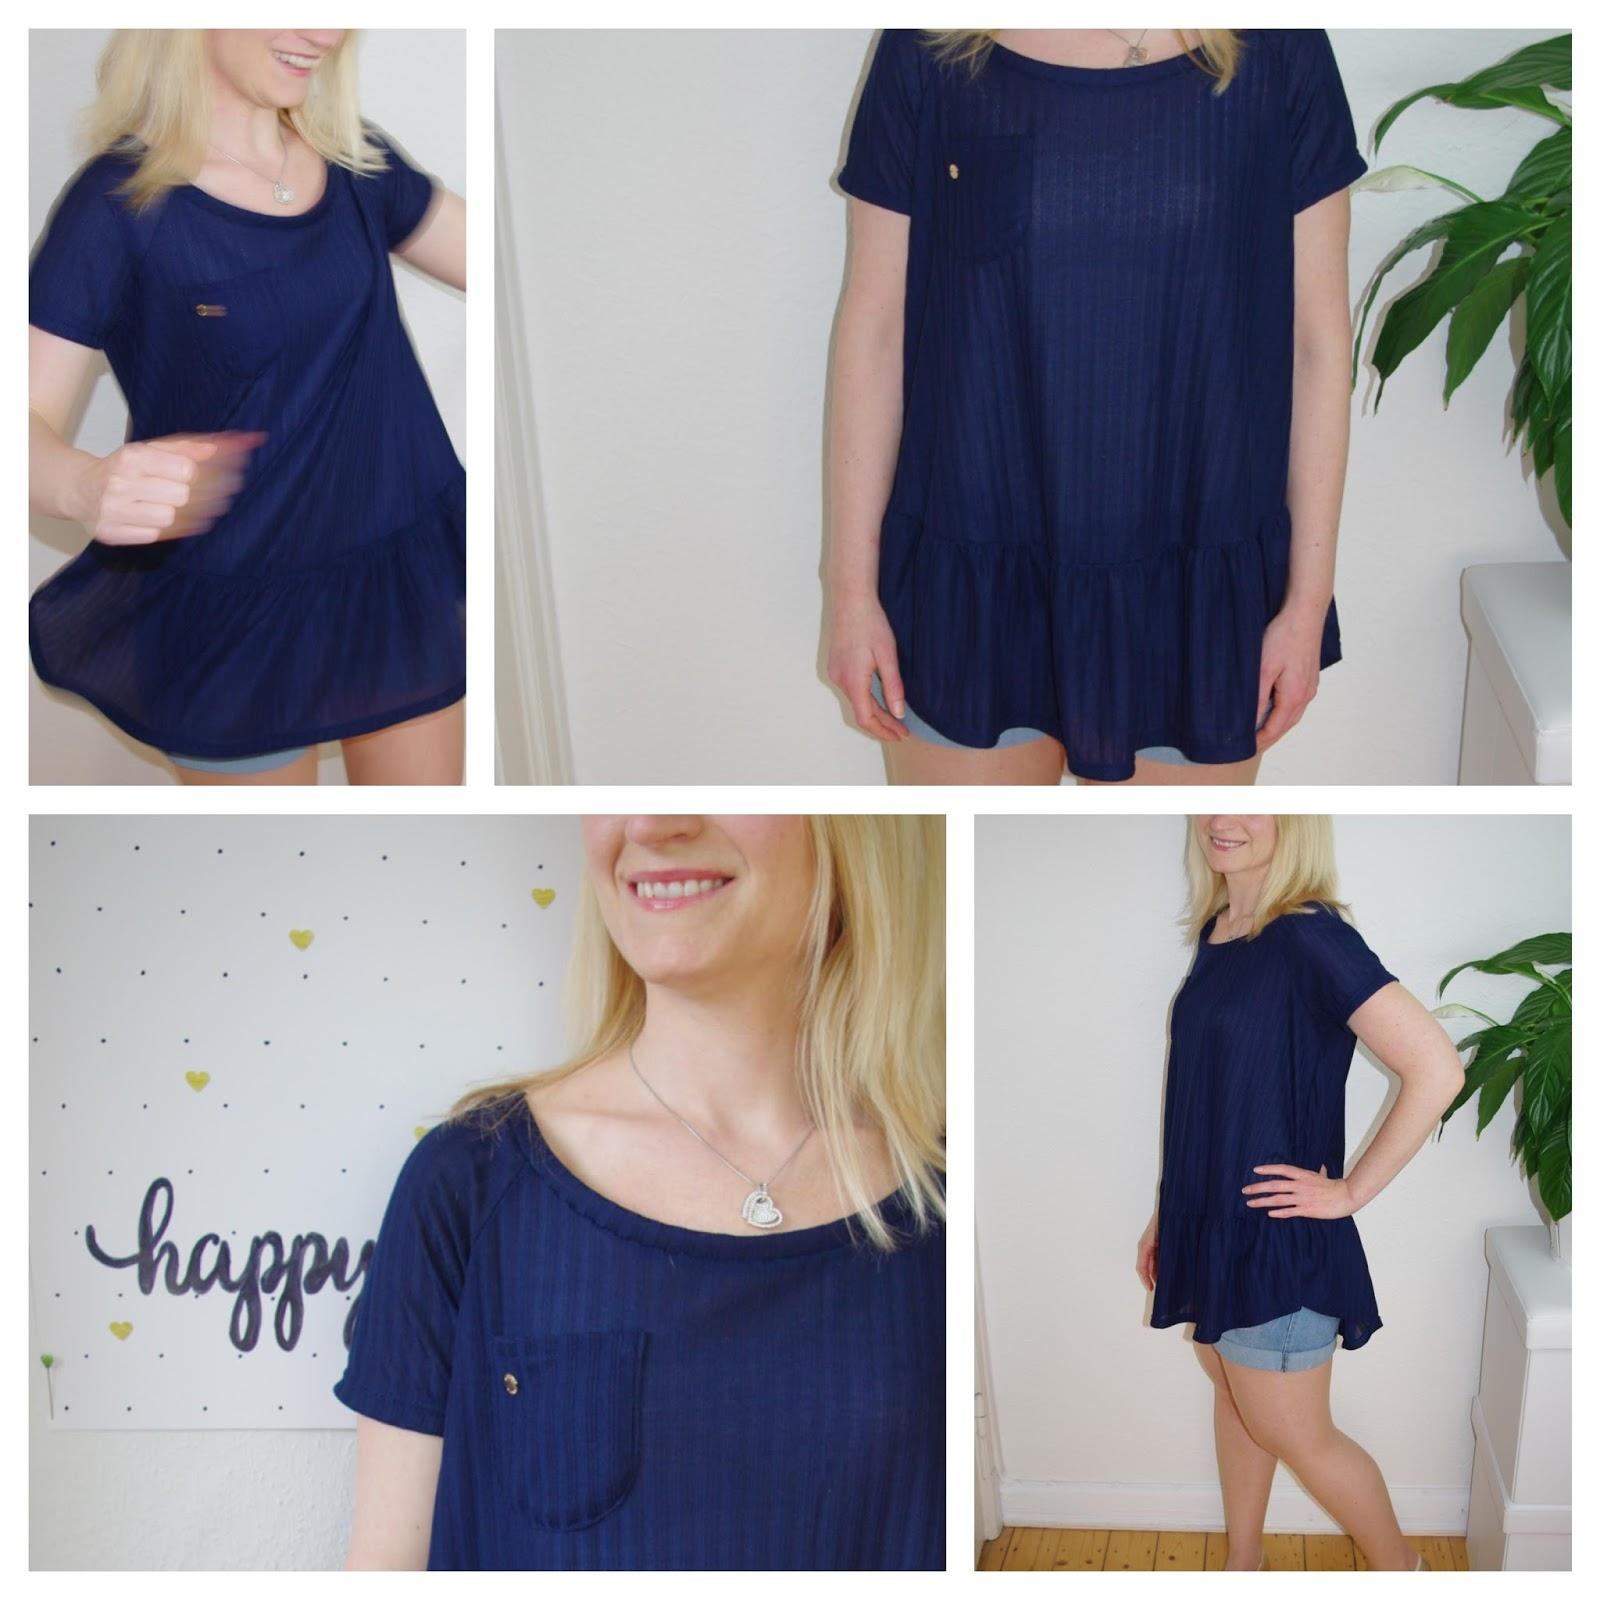 Collage selbst genähtes Waterfall Raglan Shirt in Blau nach dem Schnittmuster für Frauen von Chalk & Notch  für 12 Colours of Handmade Fashion  - Nähblog